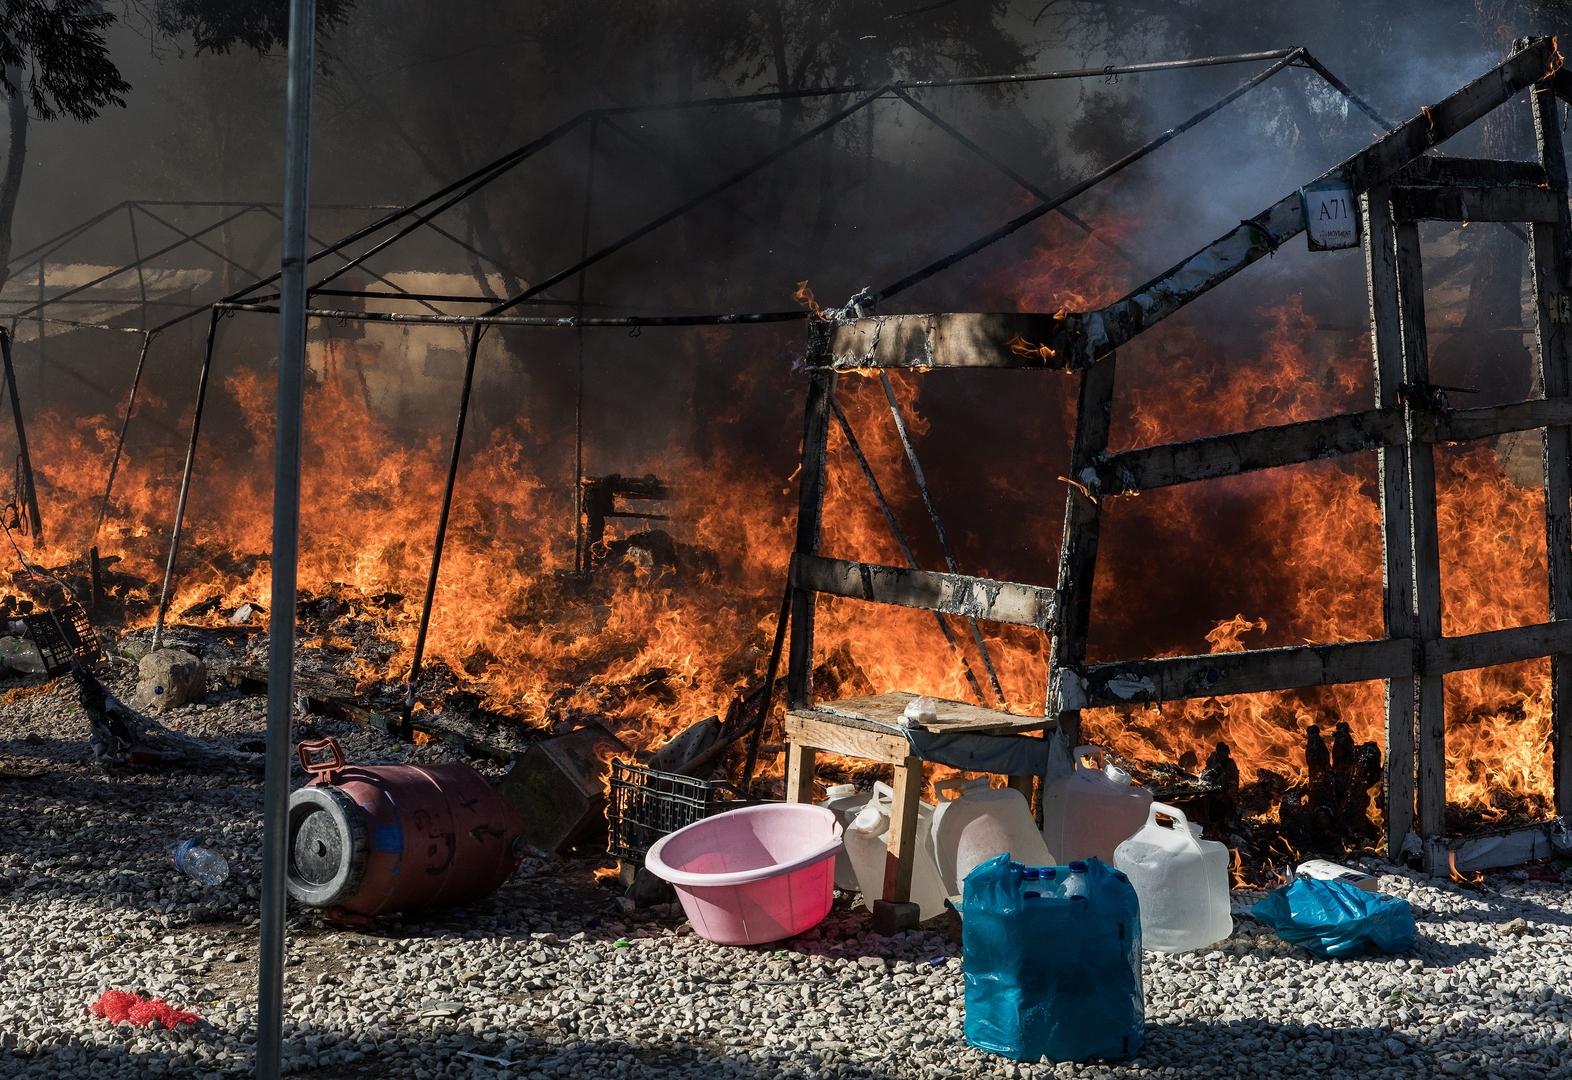 حريق في مخيم ليسبوس في اليونان (أرشيف)